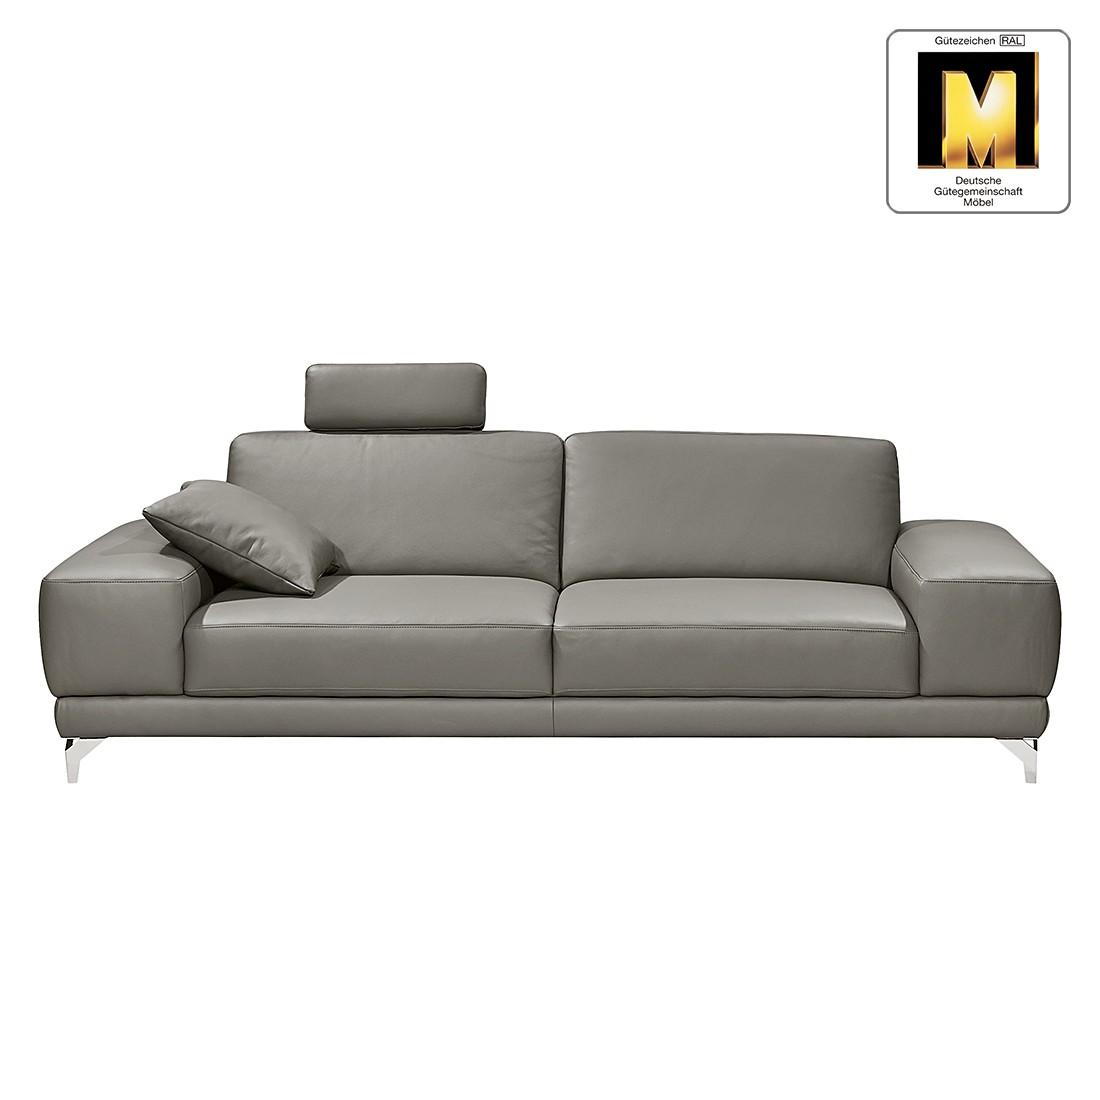 sofa casual line 2 5 sitzer echtleder keine funktion grau gedecktes dickleder claas. Black Bedroom Furniture Sets. Home Design Ideas